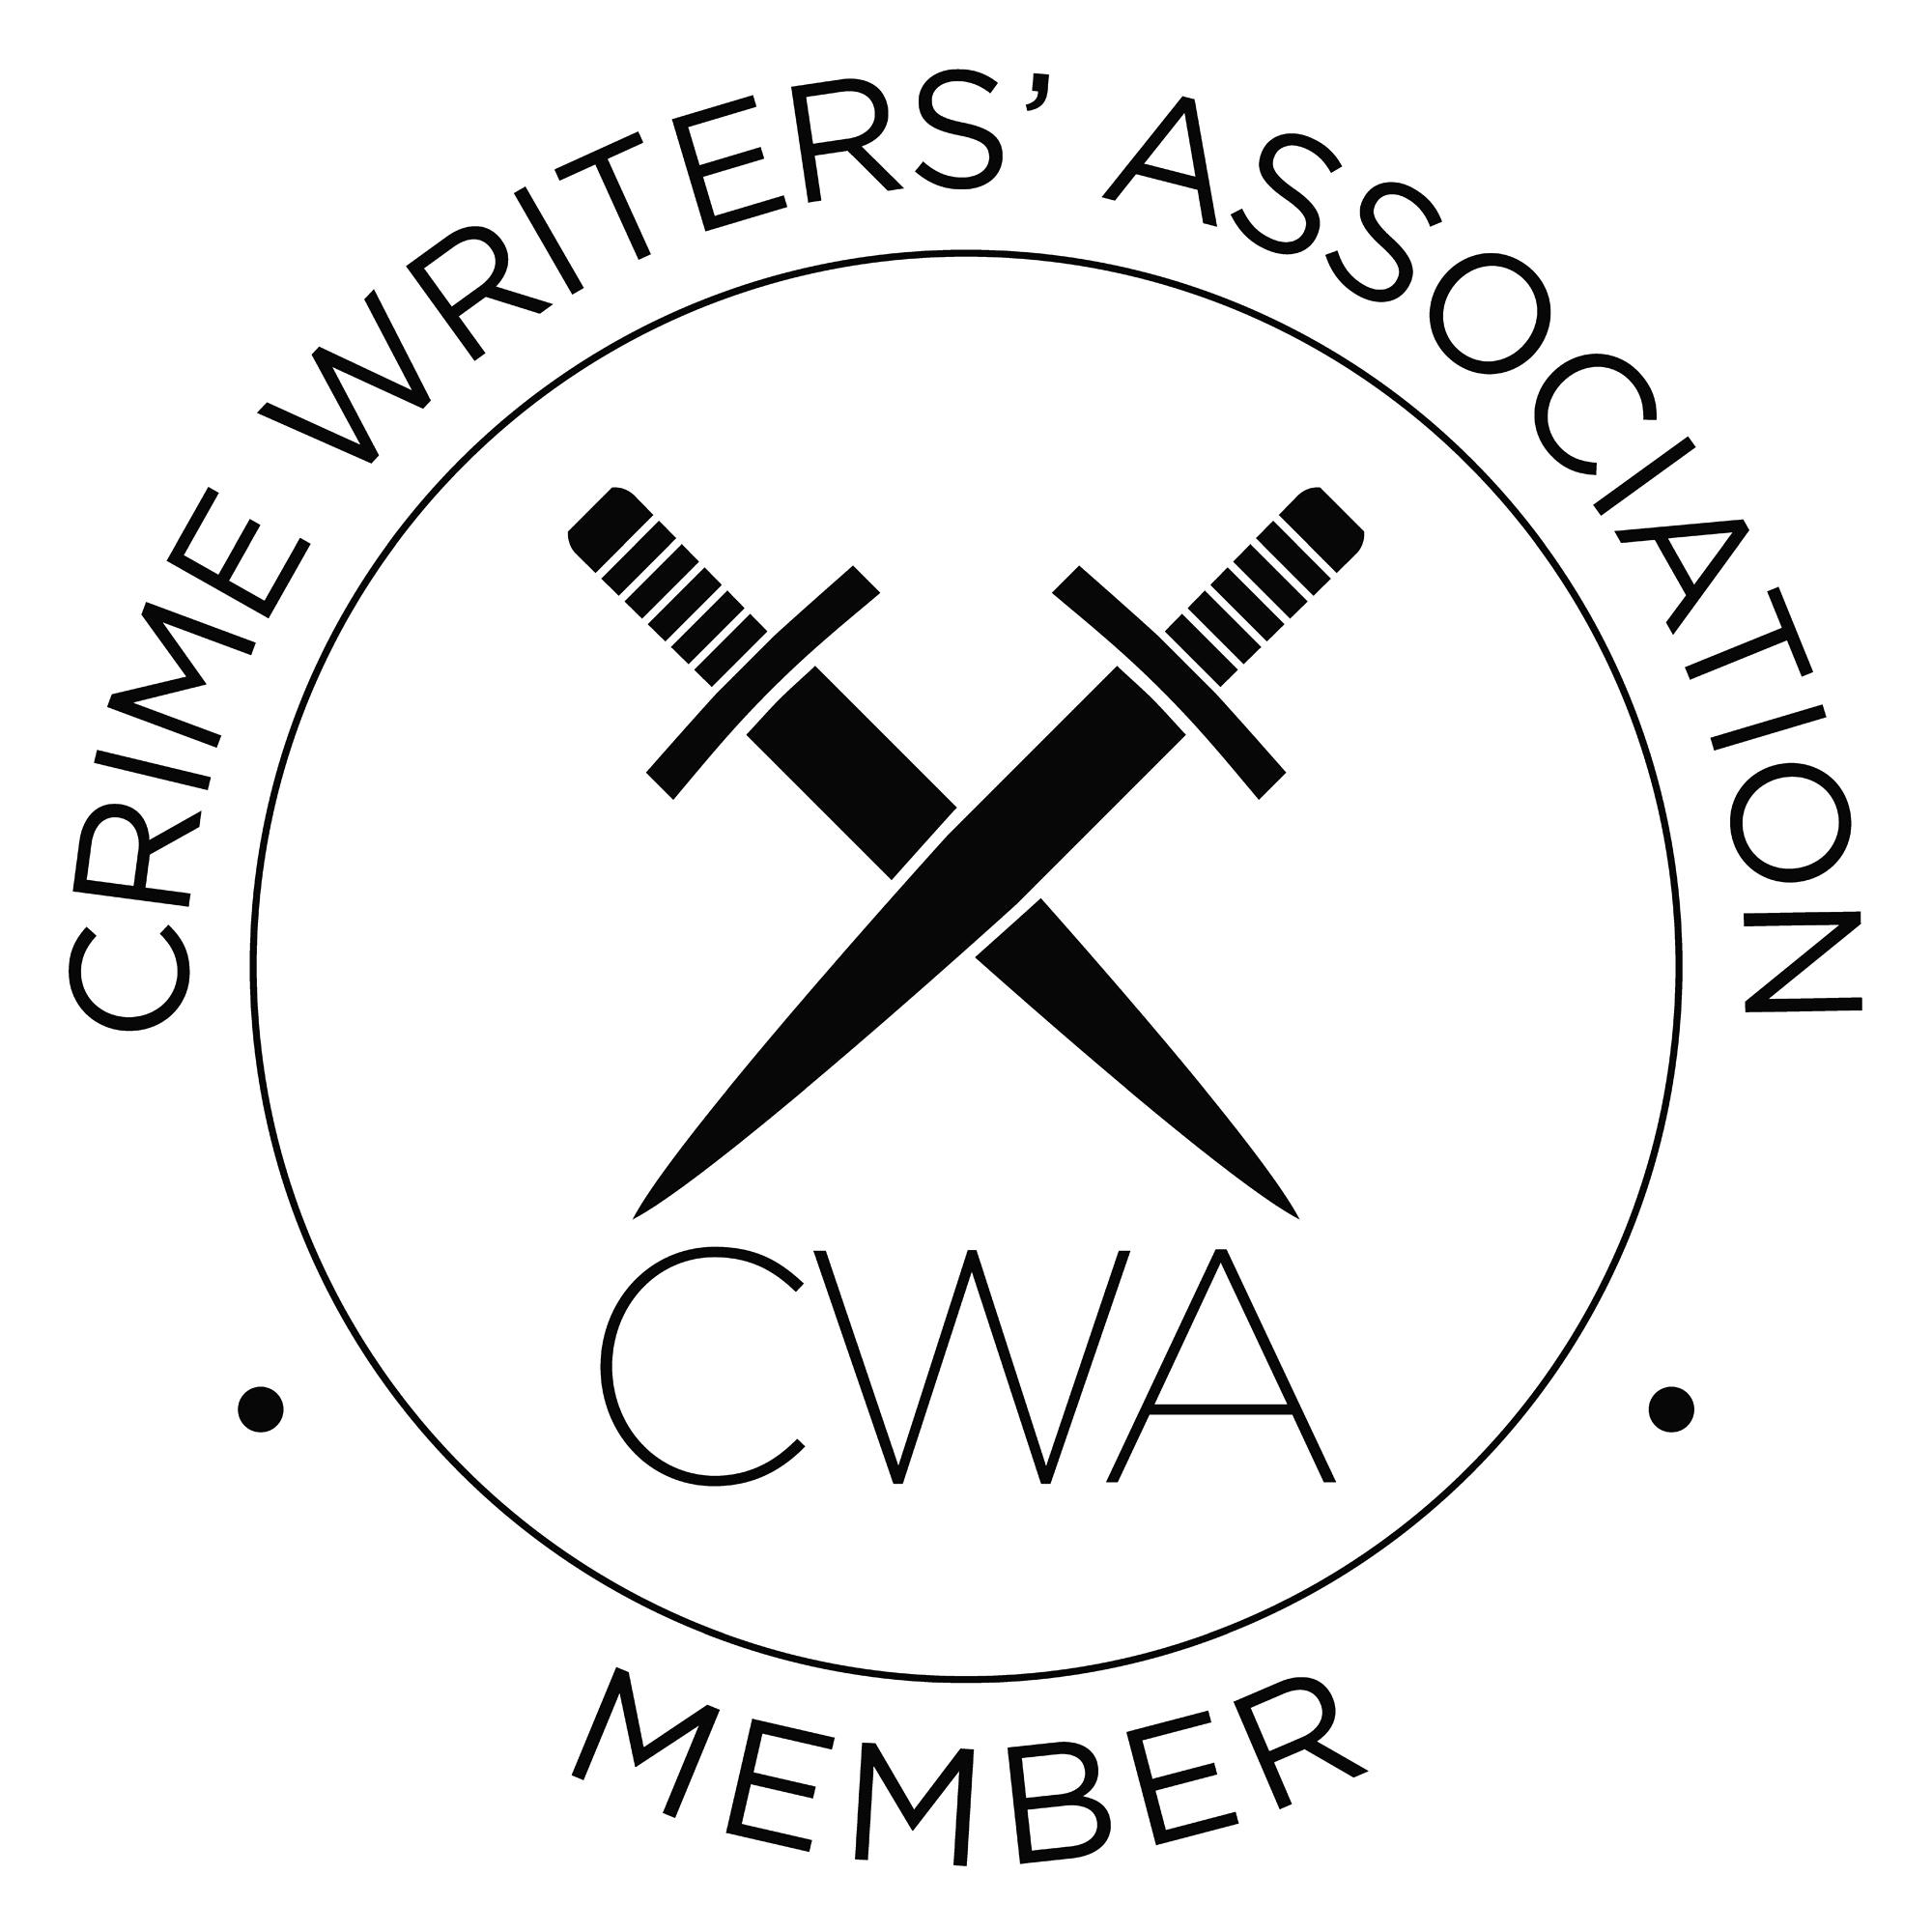 cwawhite